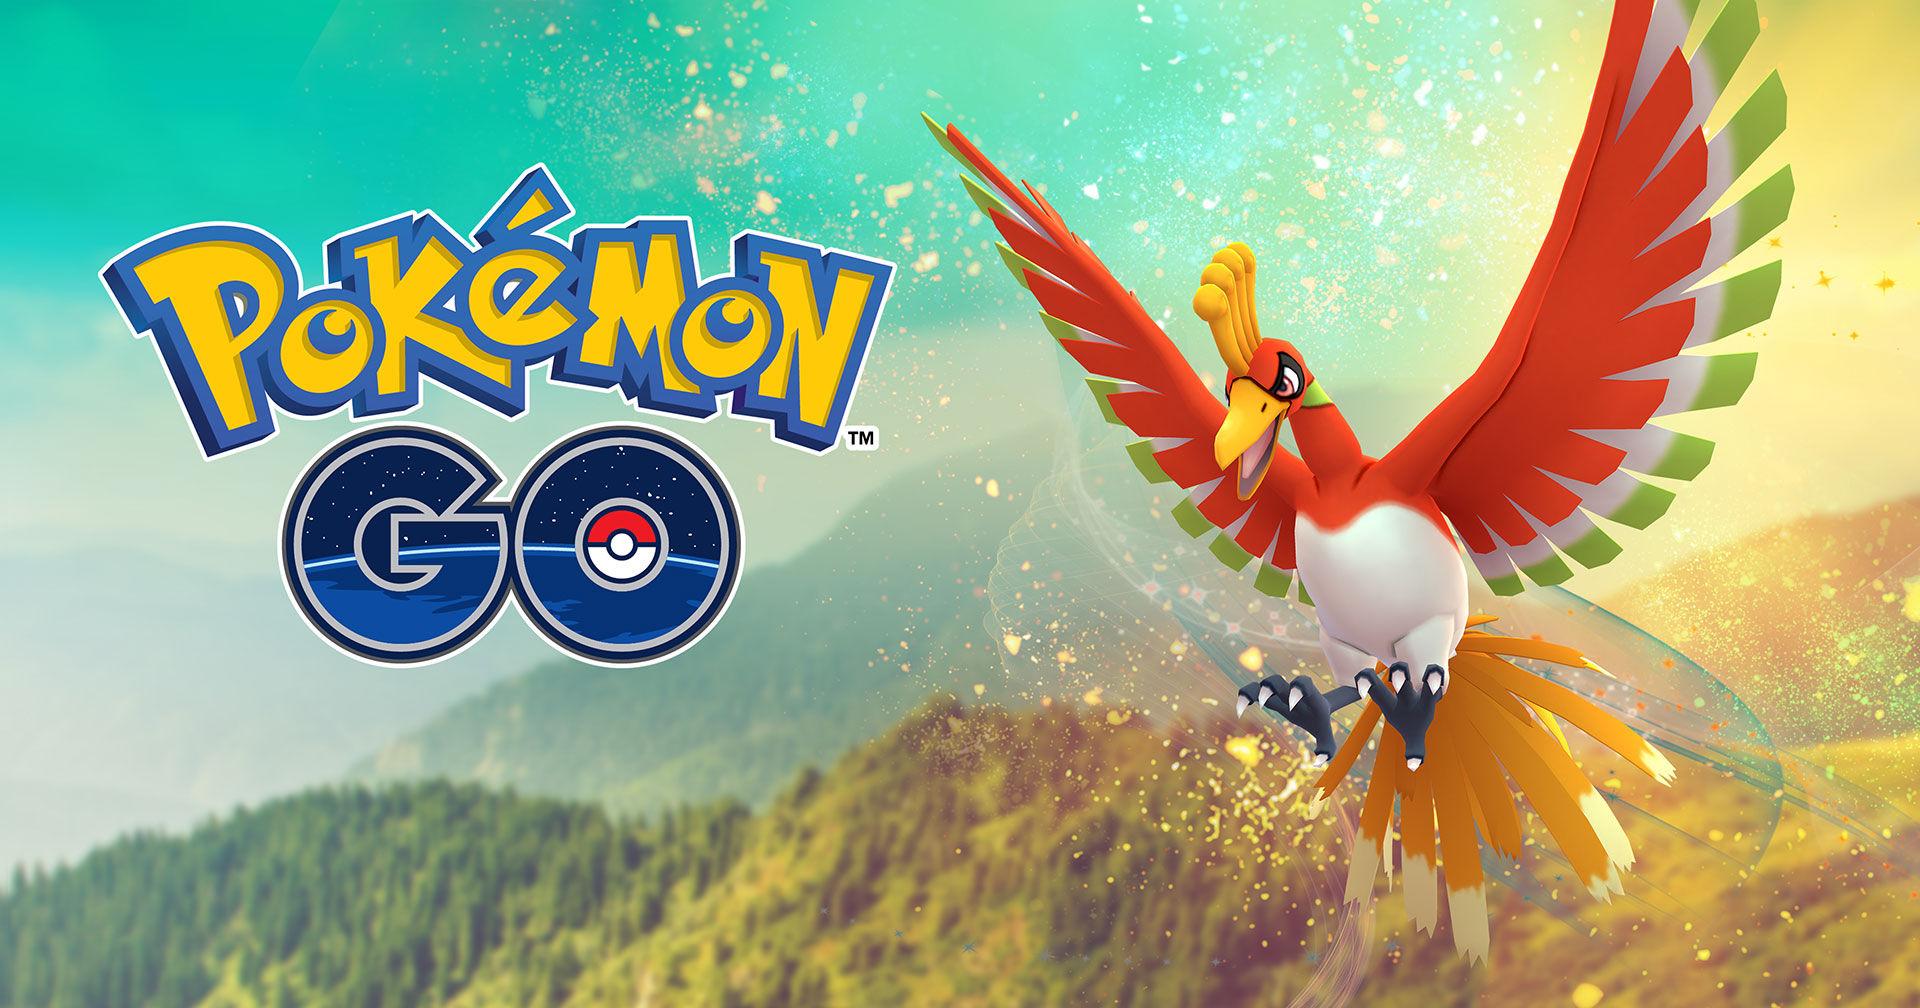 Legendariska pokémonen Ho-Oh släppt till Pokémon Go